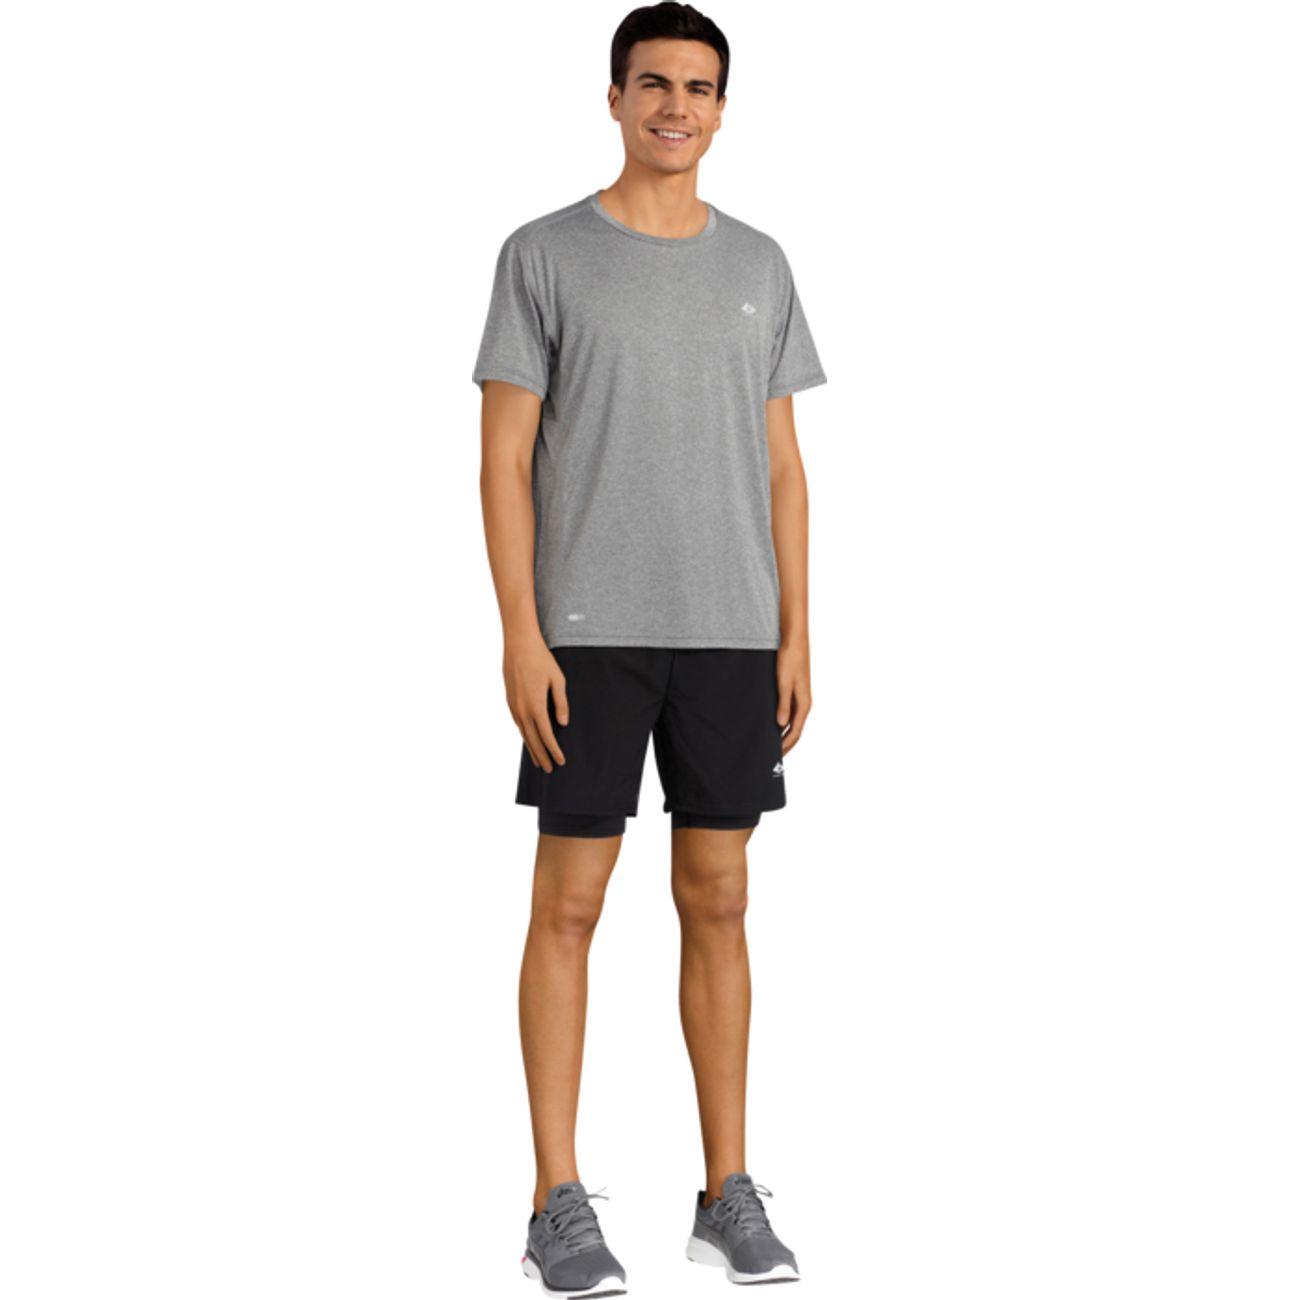 Tee Shirt MC running homme ATHLITECH GAVIN 100